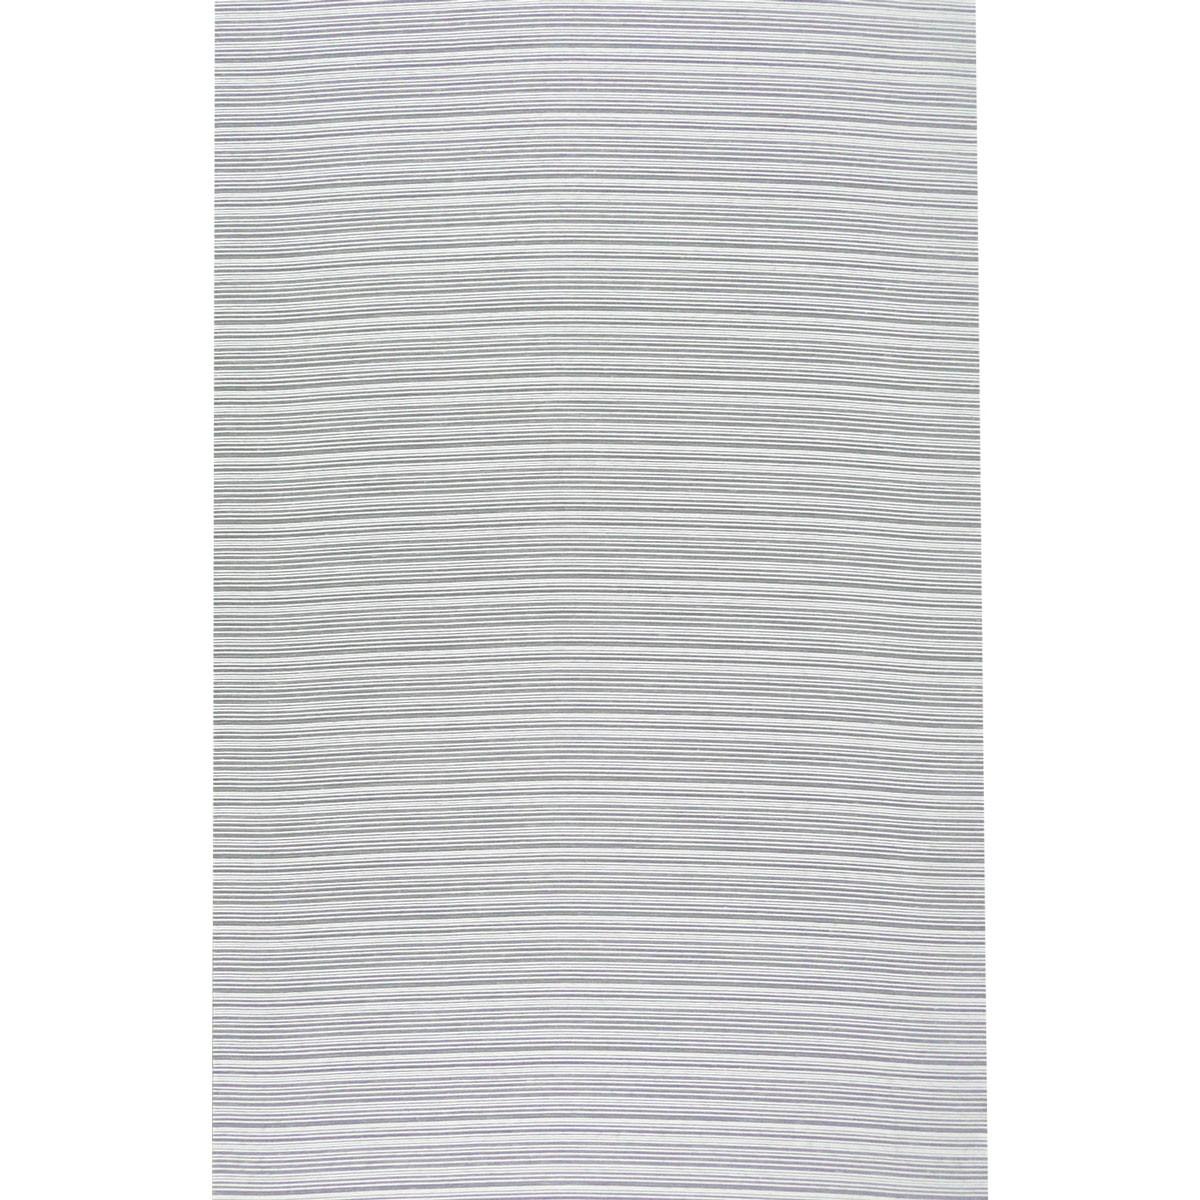 Gardinenstoff Paneele Meterware Querstreifen weiß 60cm Breite